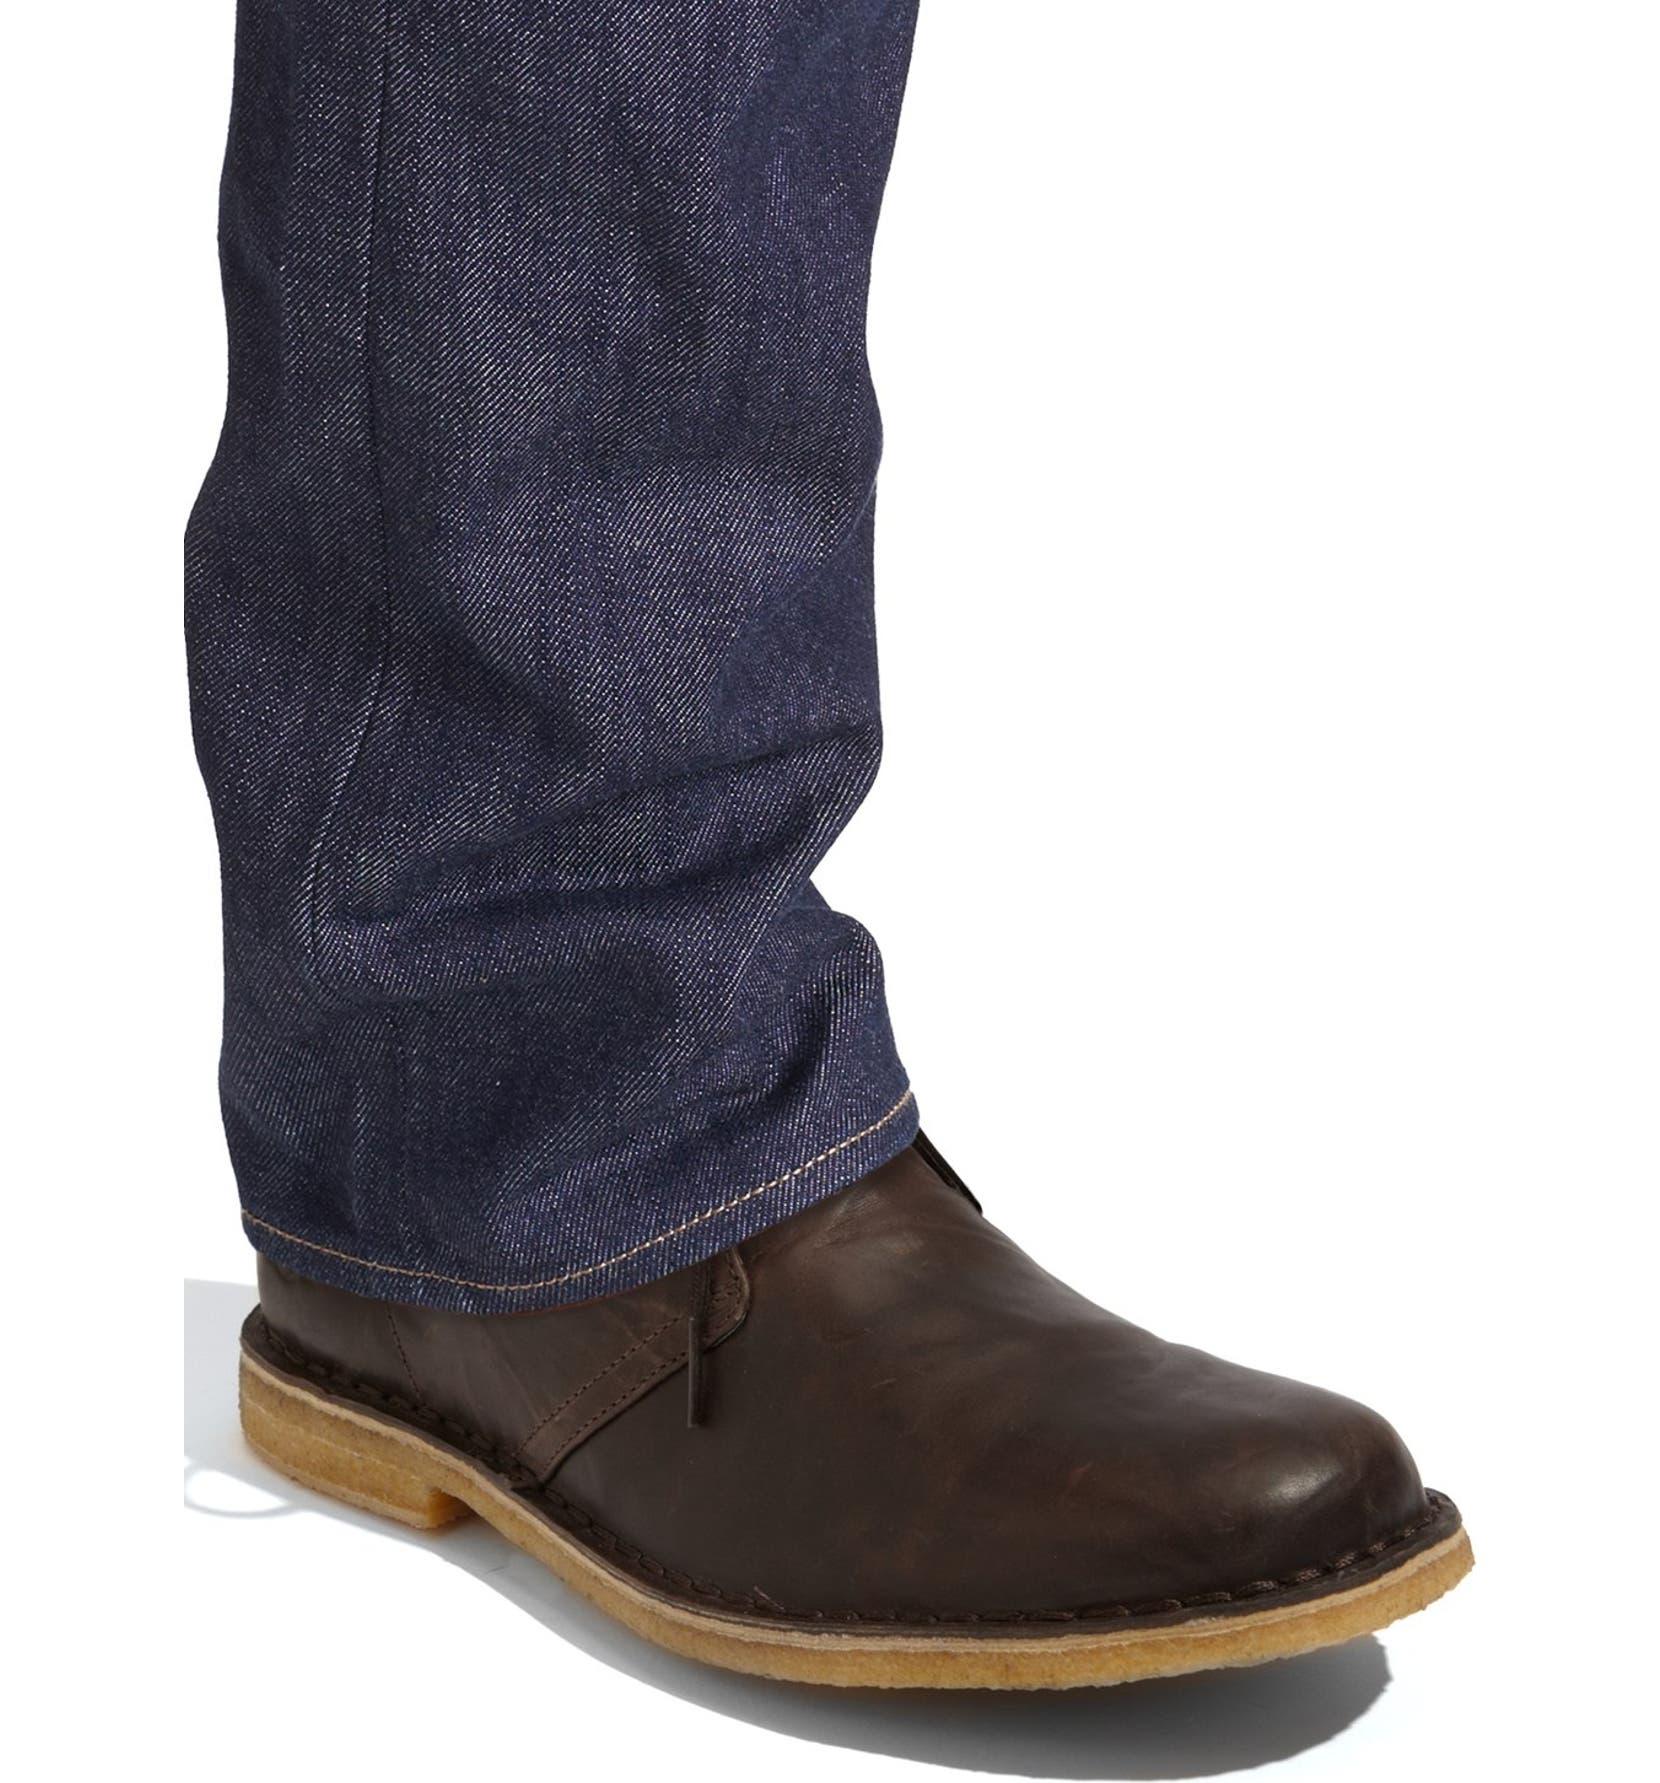 7c72b84cfa9 Leighton Chukka Boot